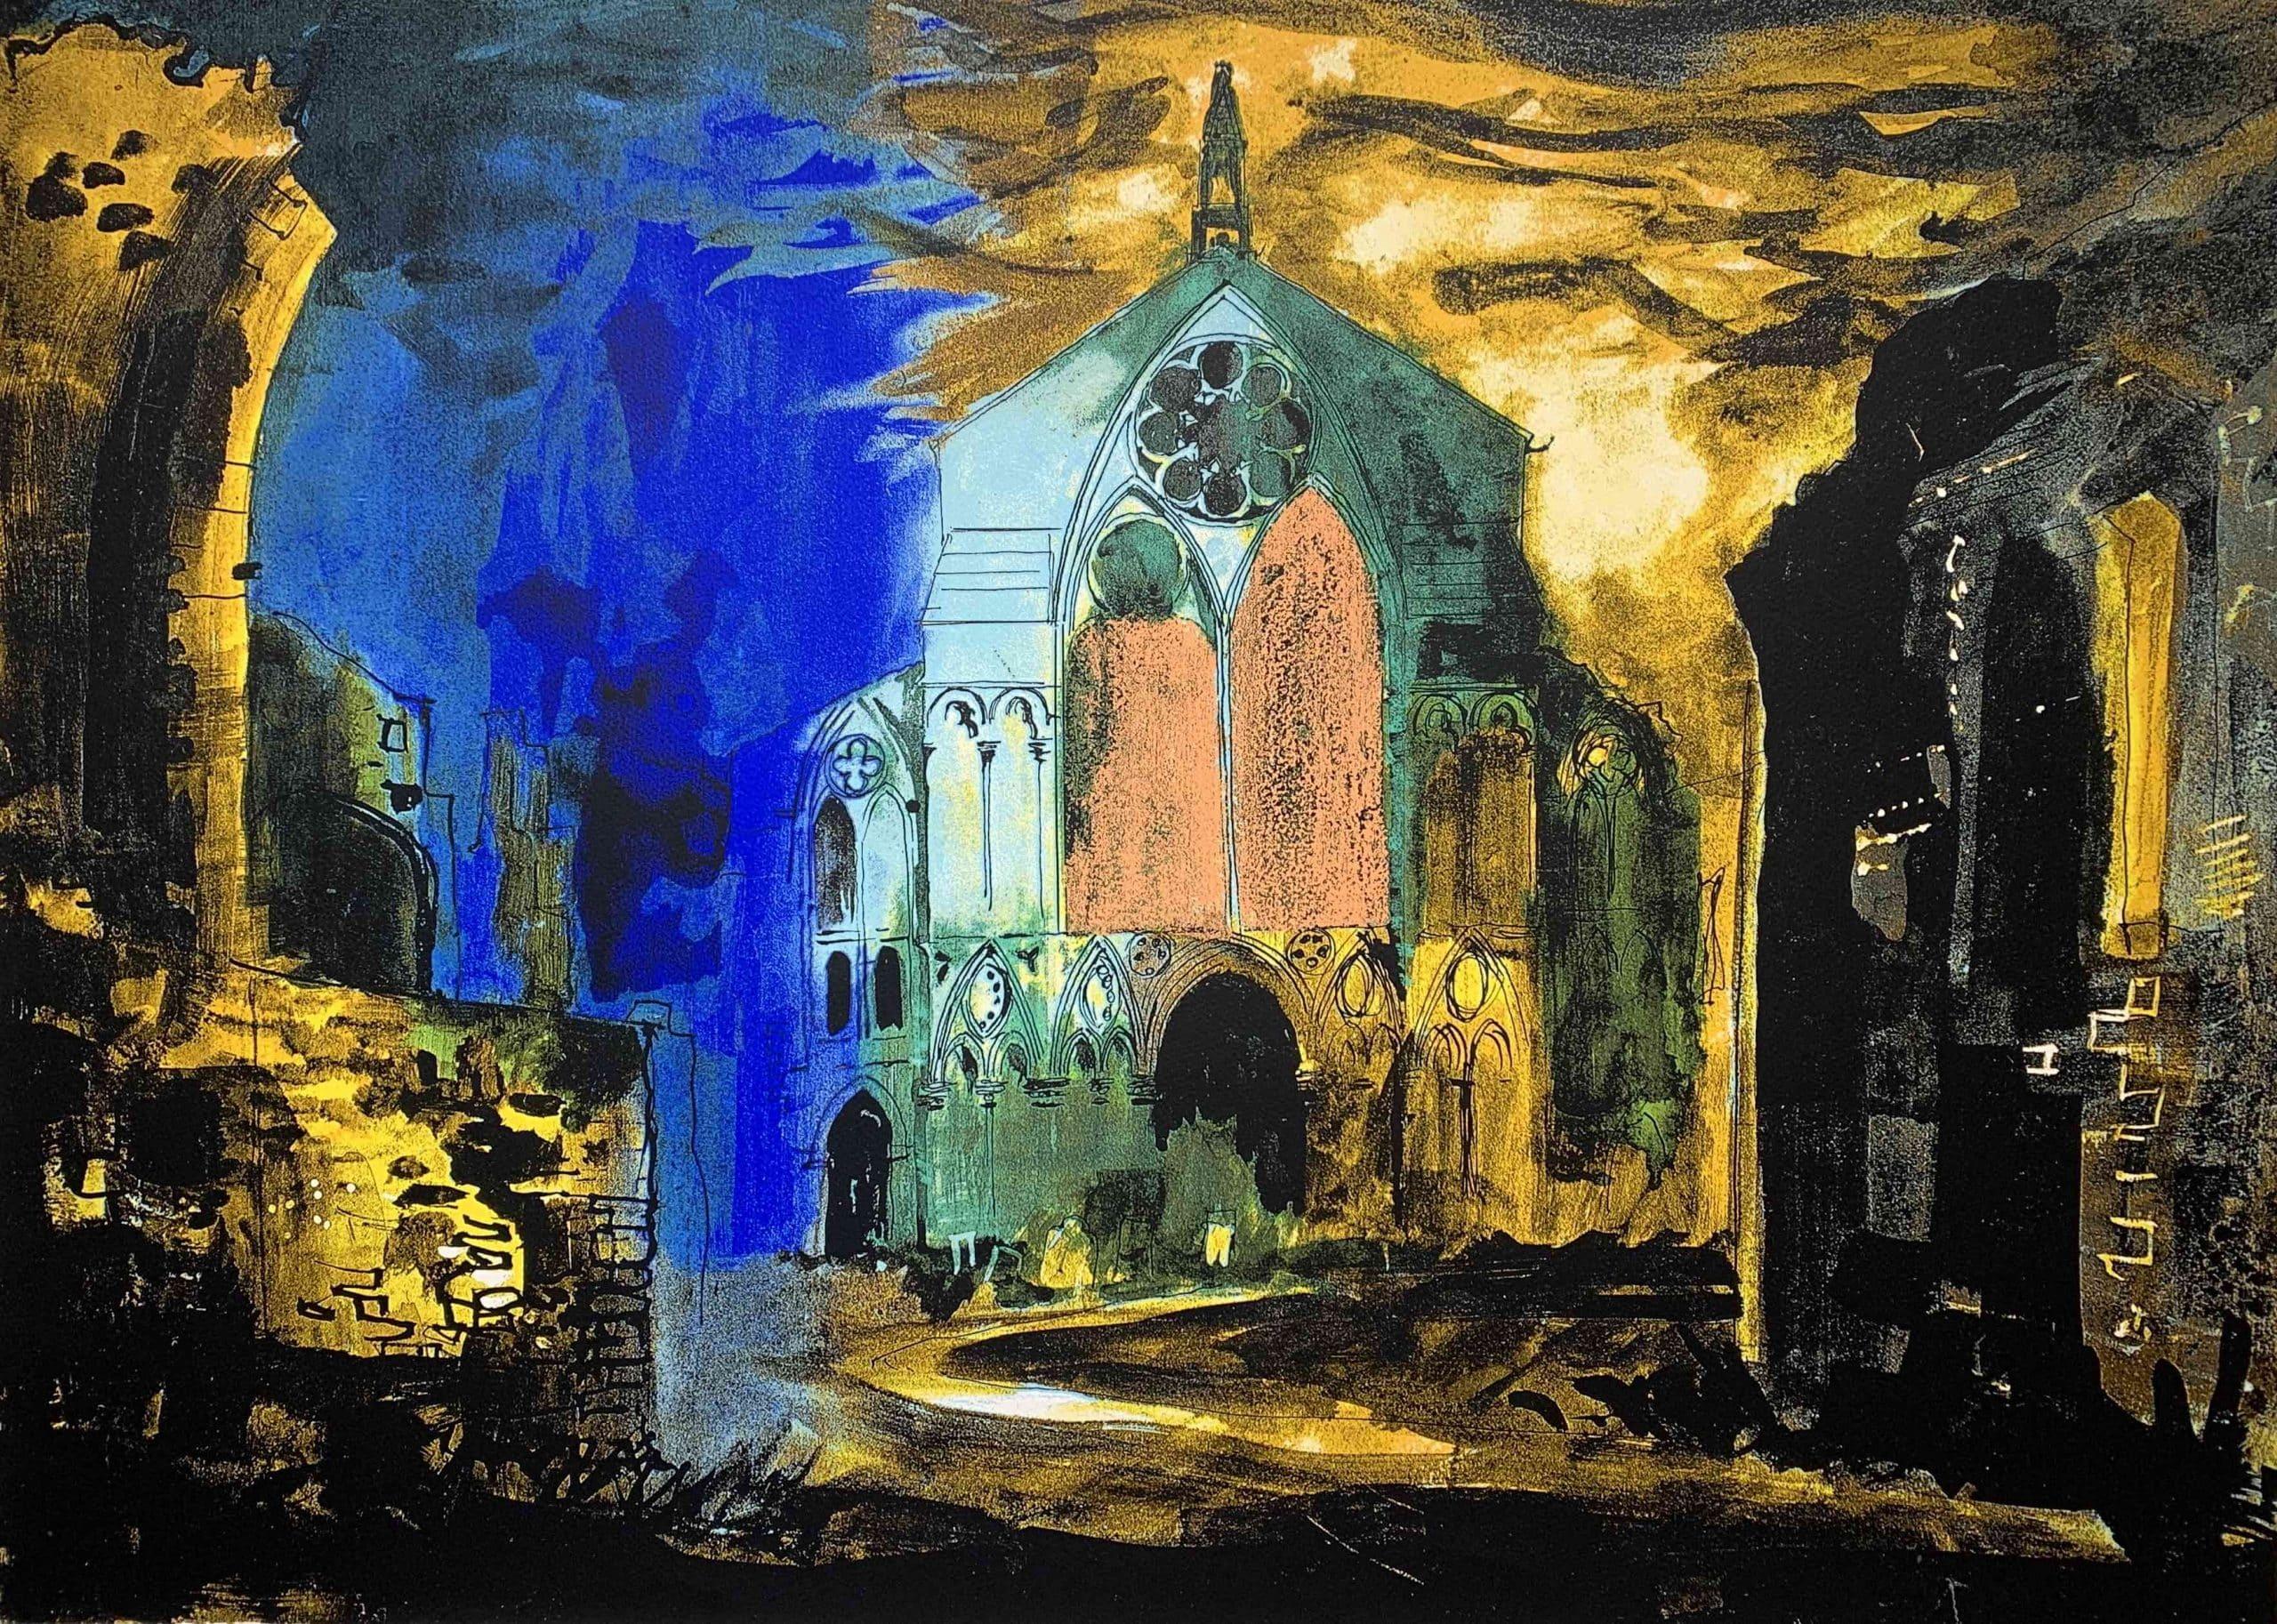 Binham Abbey (318)_Screenprint_1981_552 x 769mm_Keplra_Marlborough_John Piper